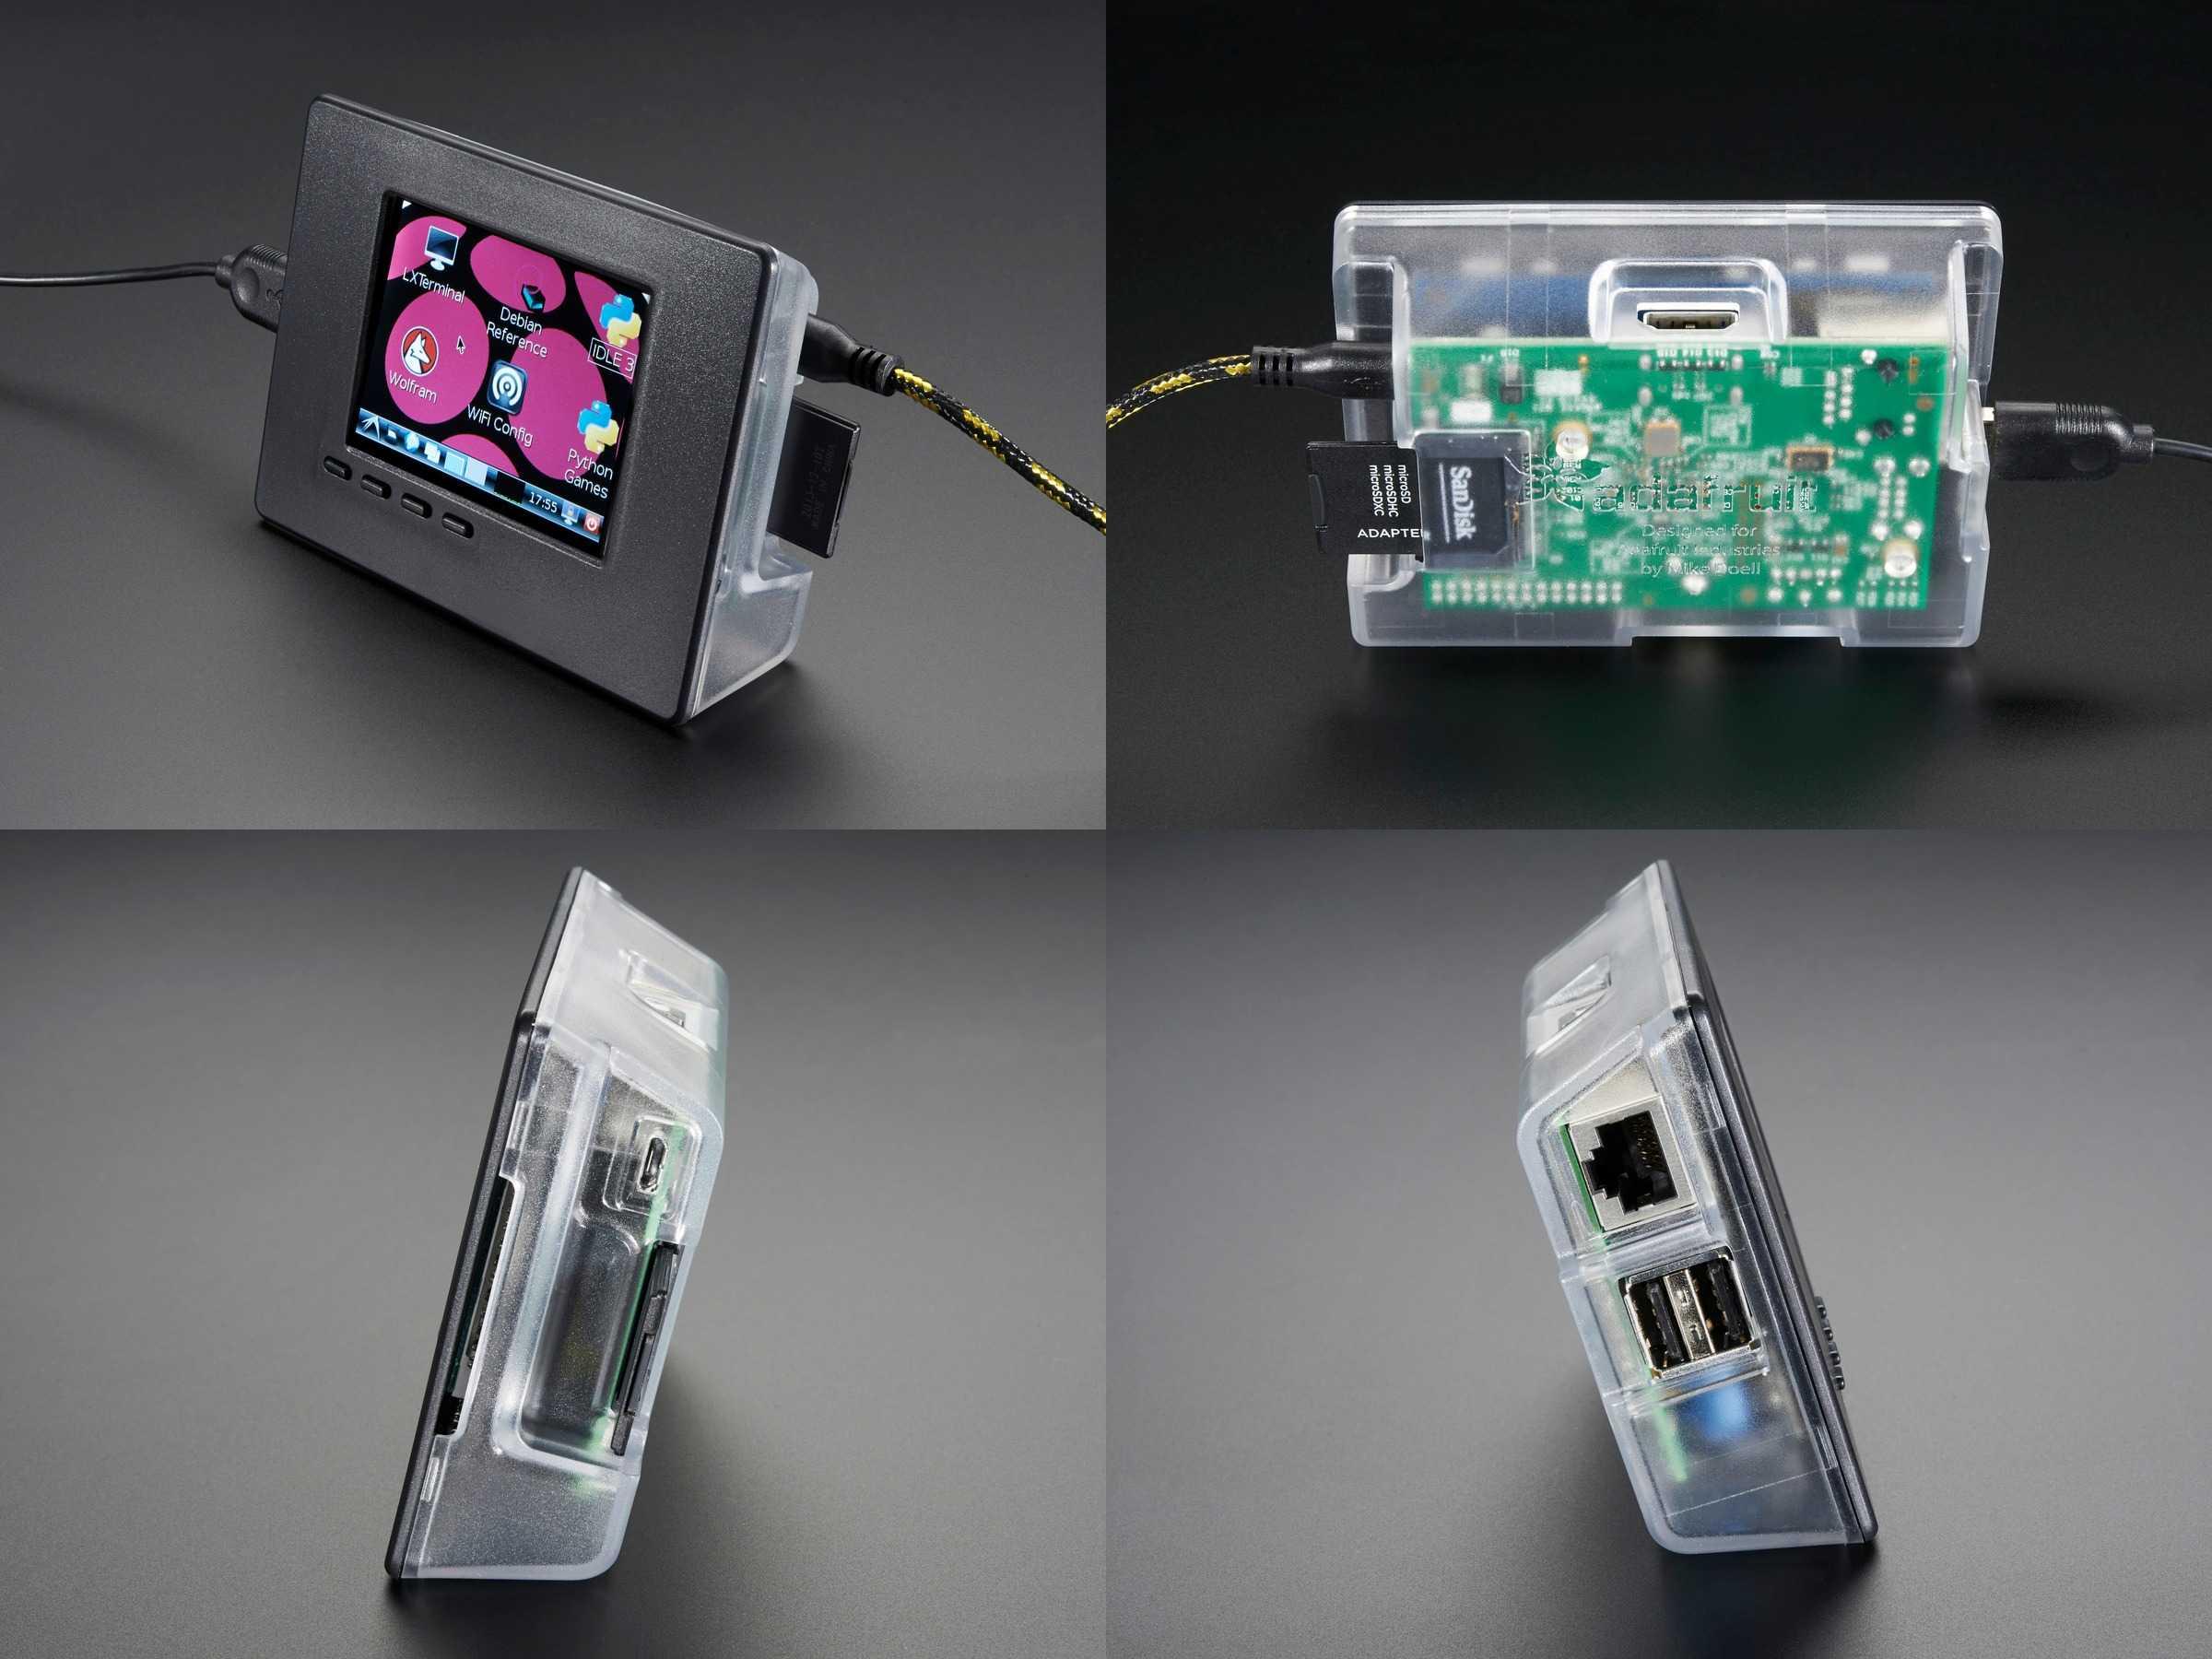 Raspberry pi превратили в уникальный планшет на linux. видео - cnews